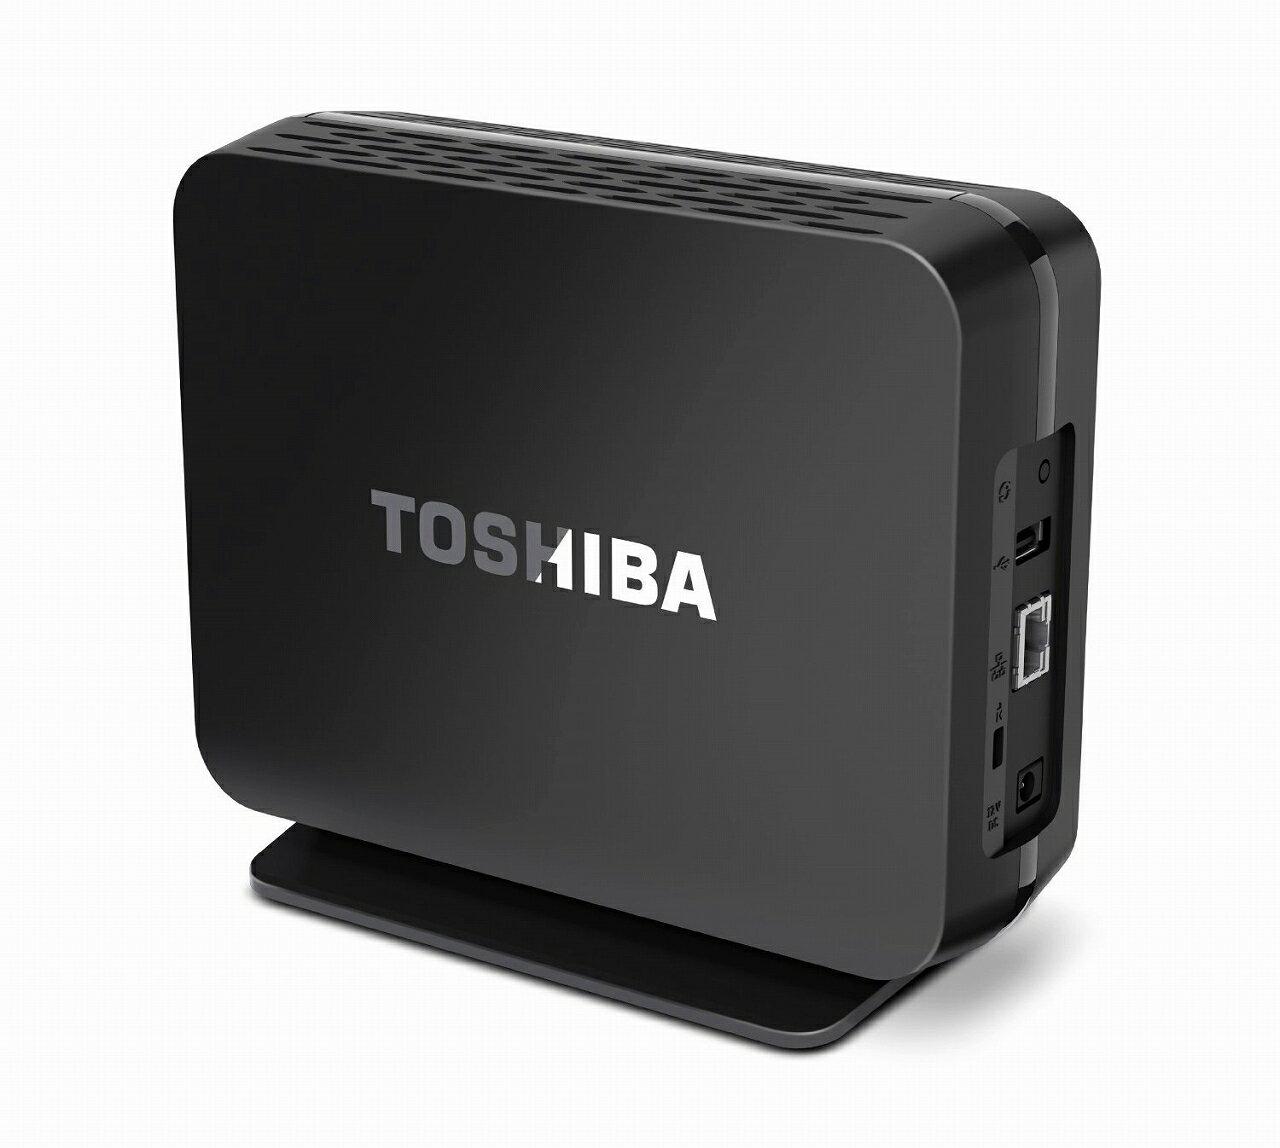 【スマホエントリーで10倍】東芝NAS 外付けハードディスク CANVIO 2TB USB2.0 ネットワークストレージ ネットワークアタッチトストレージ TOSHIBA【訳あり箱潰れ品】海外モデル